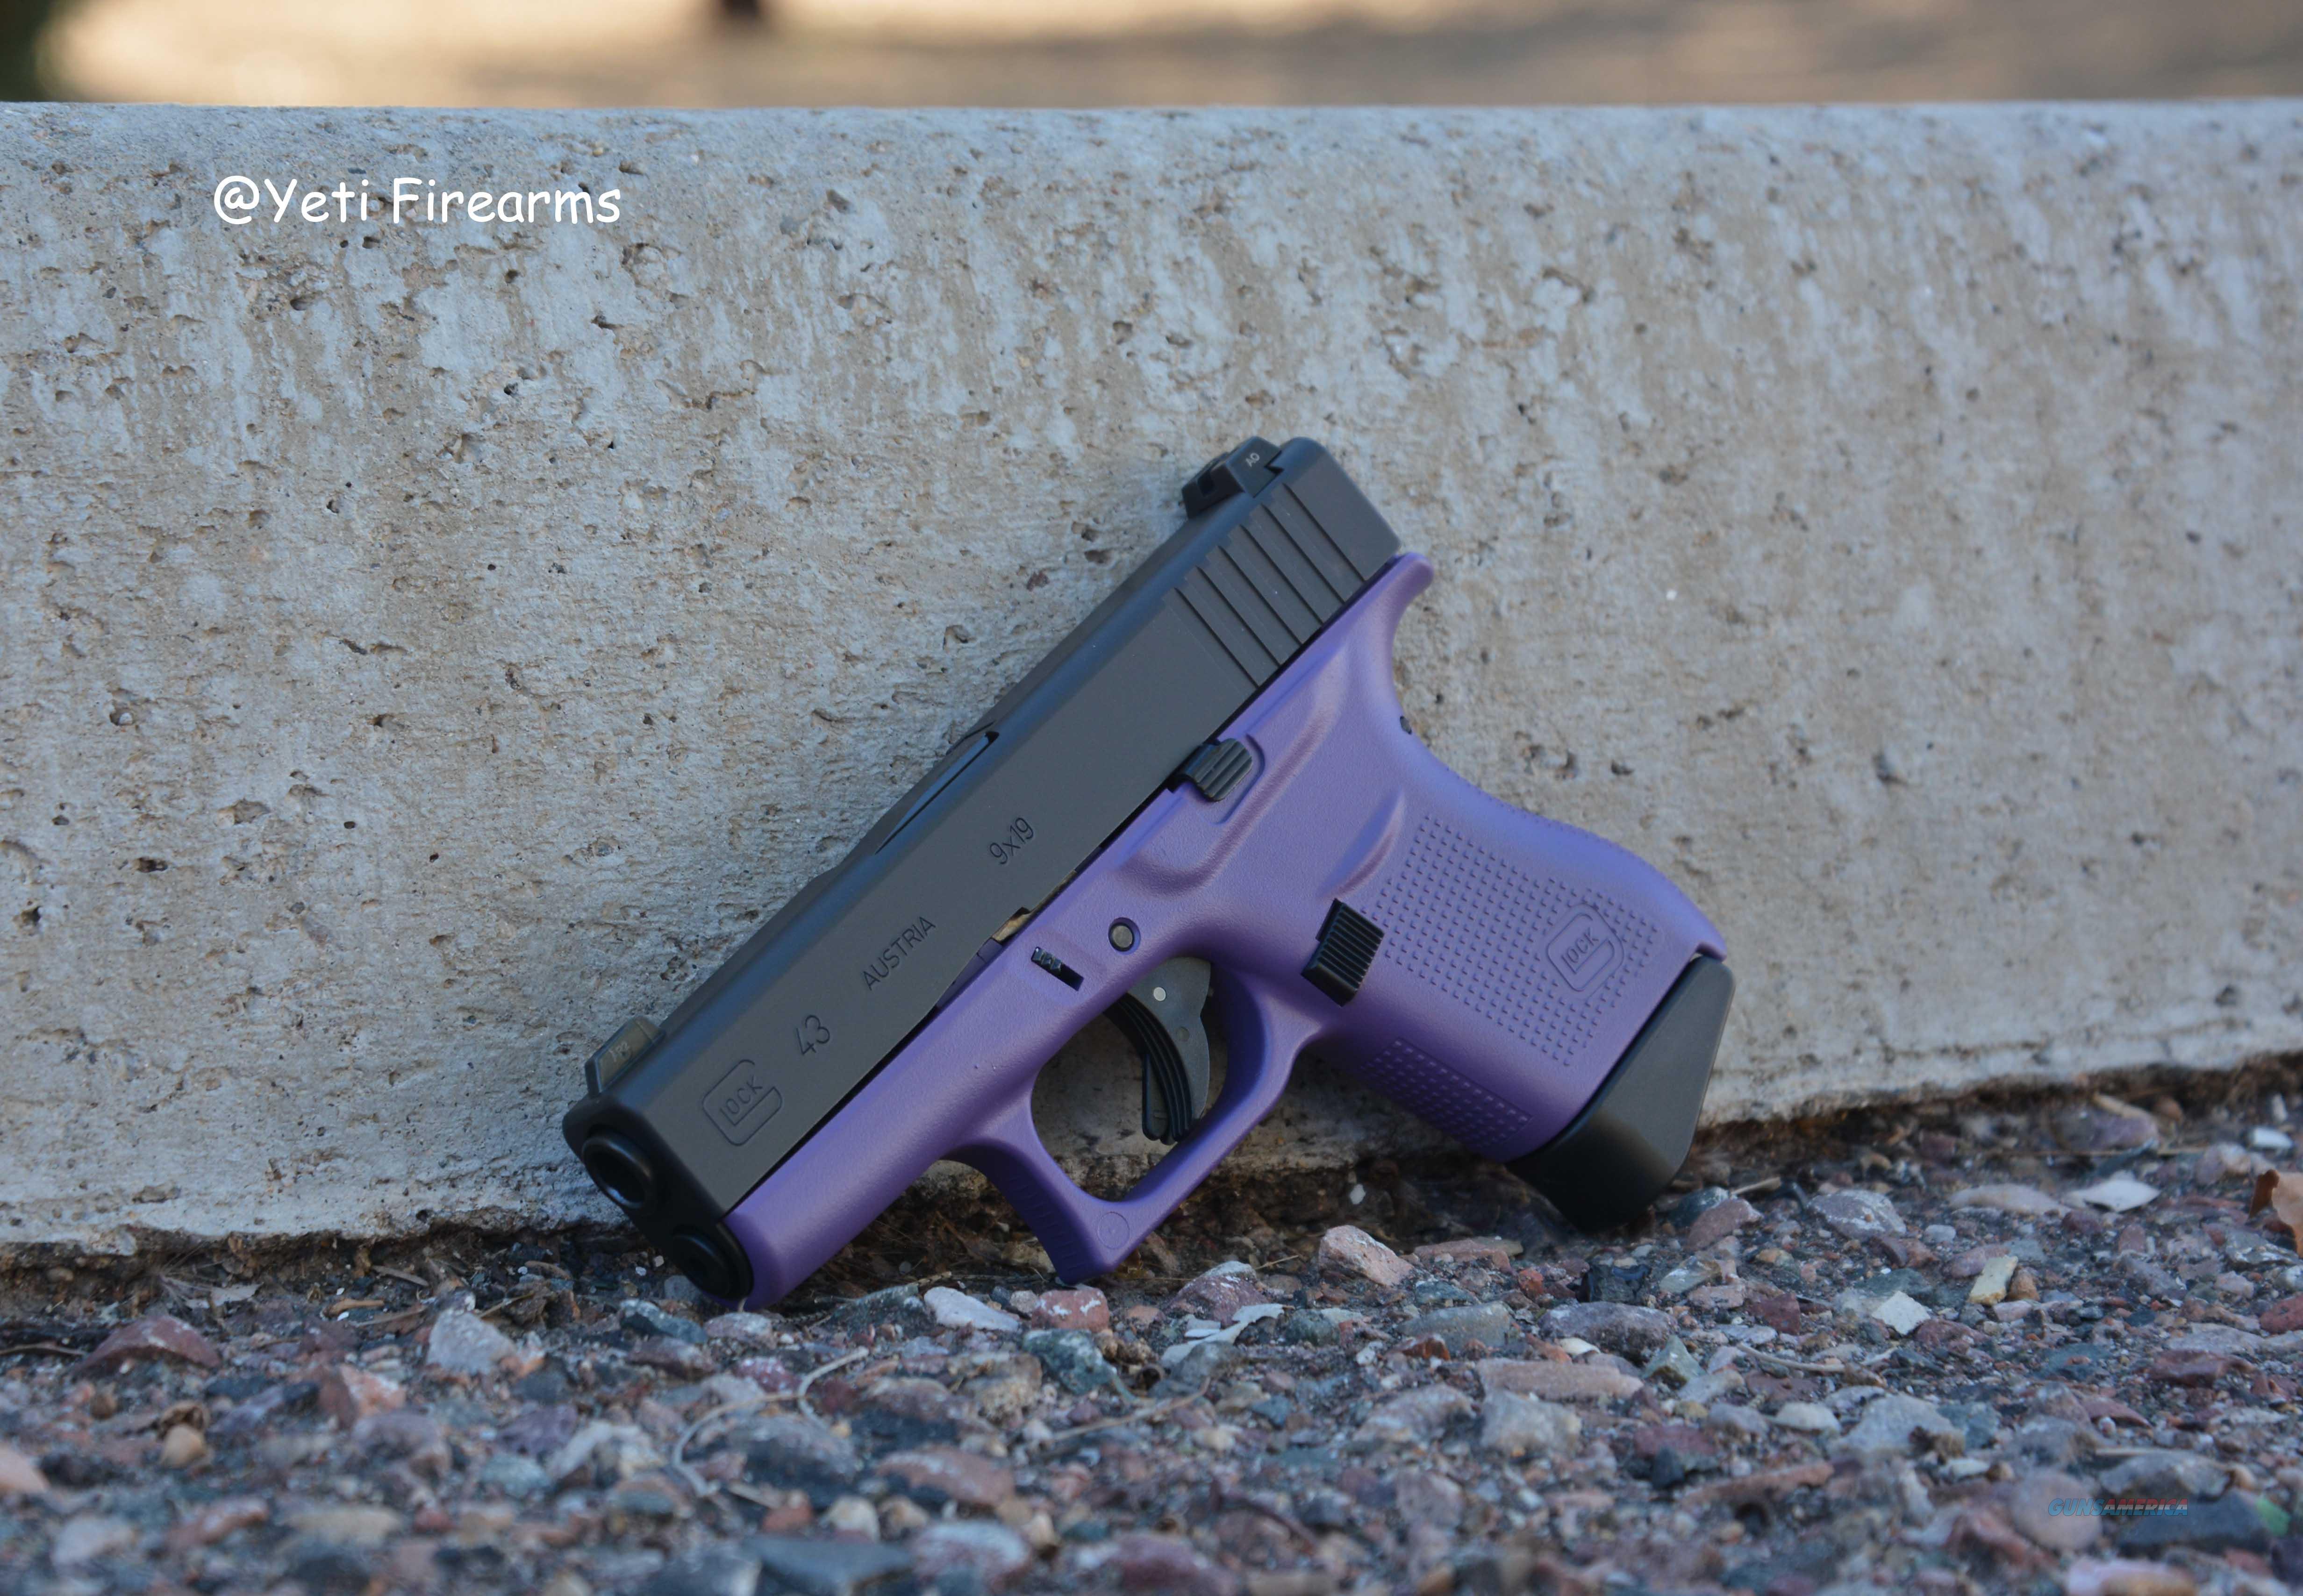 Glock 43 Purple W/ Glock Night Sights 9mm  Guns > Pistols > Glock Pistols > 43/43X